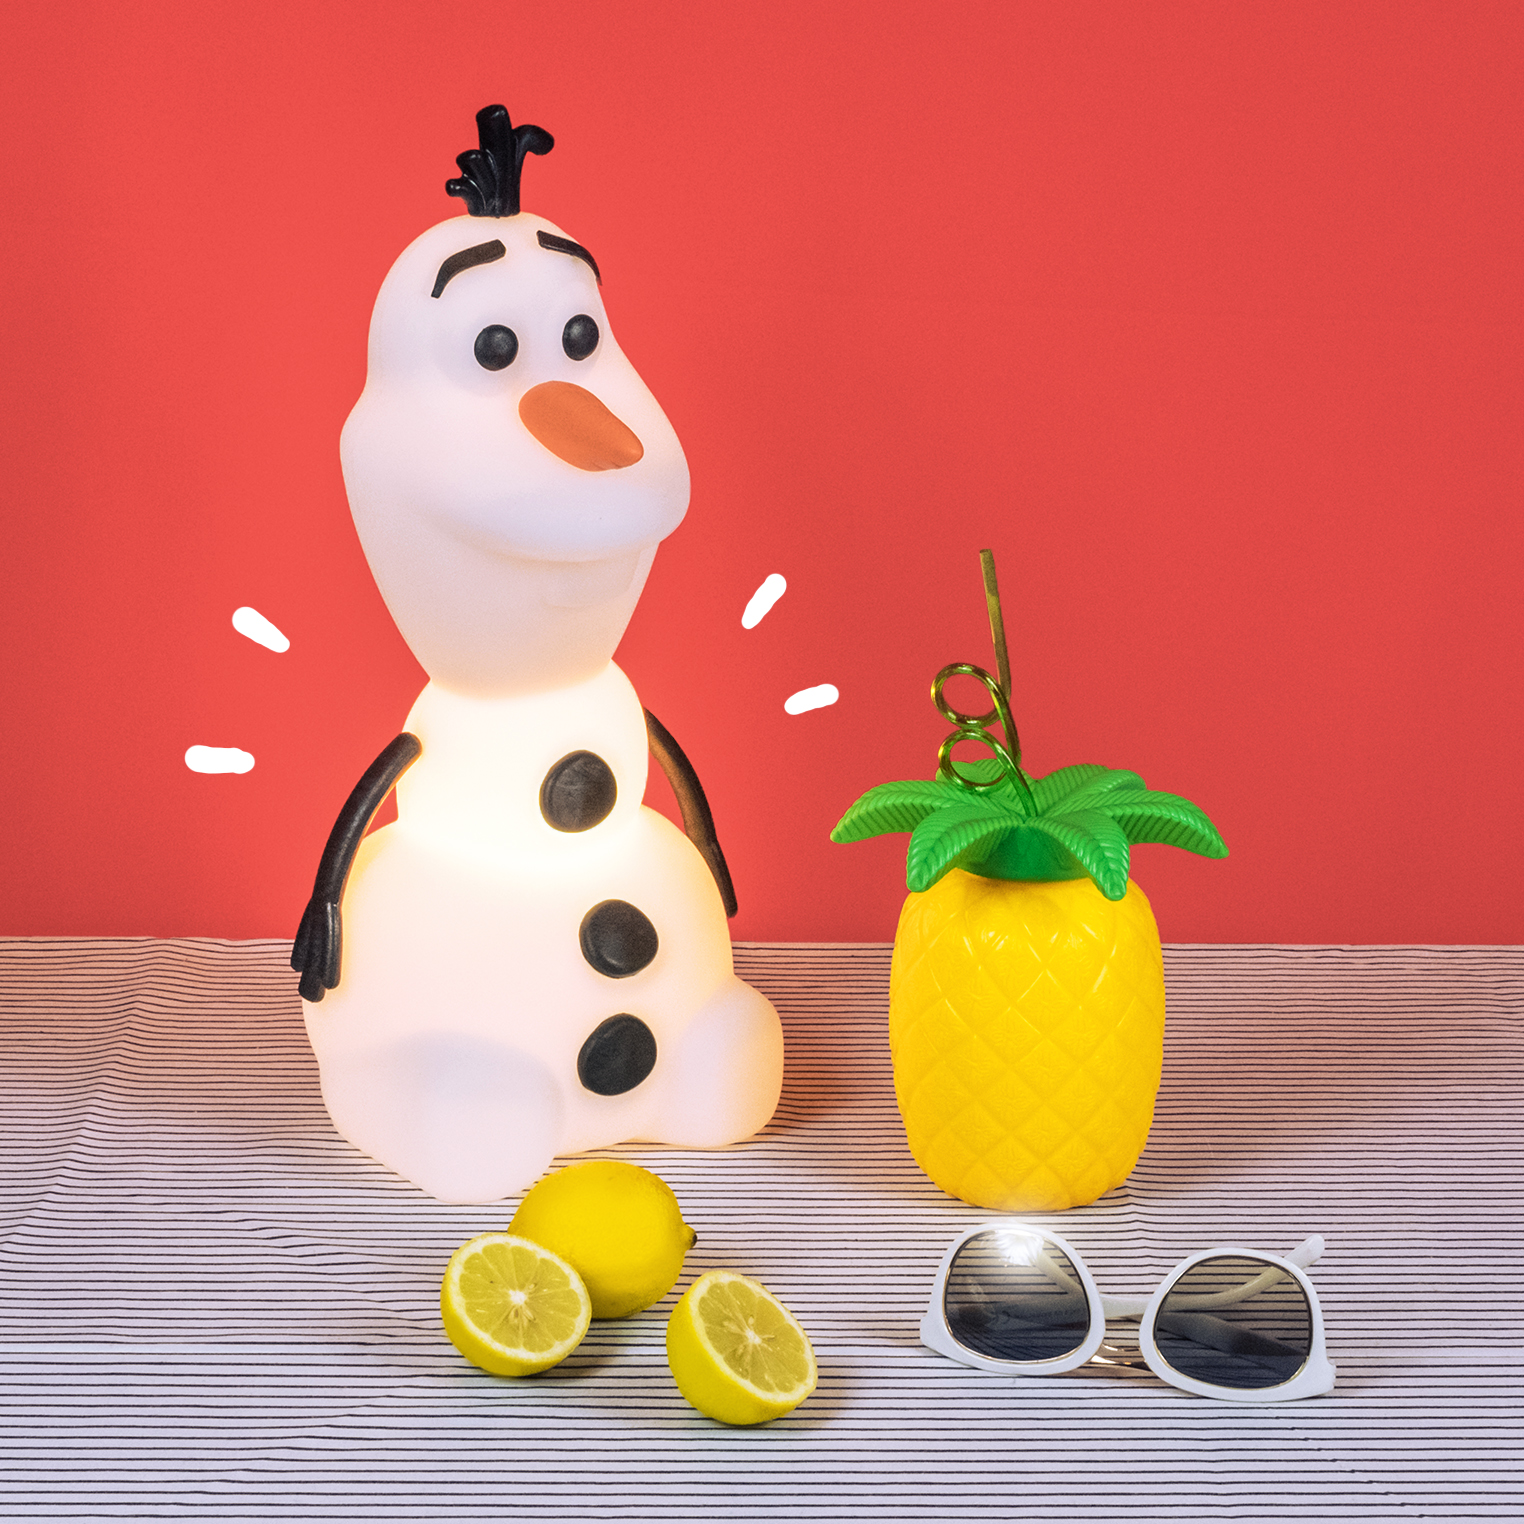 Dicas para arrumar a casa para o Natal Luminária Olaf Frozen Disney